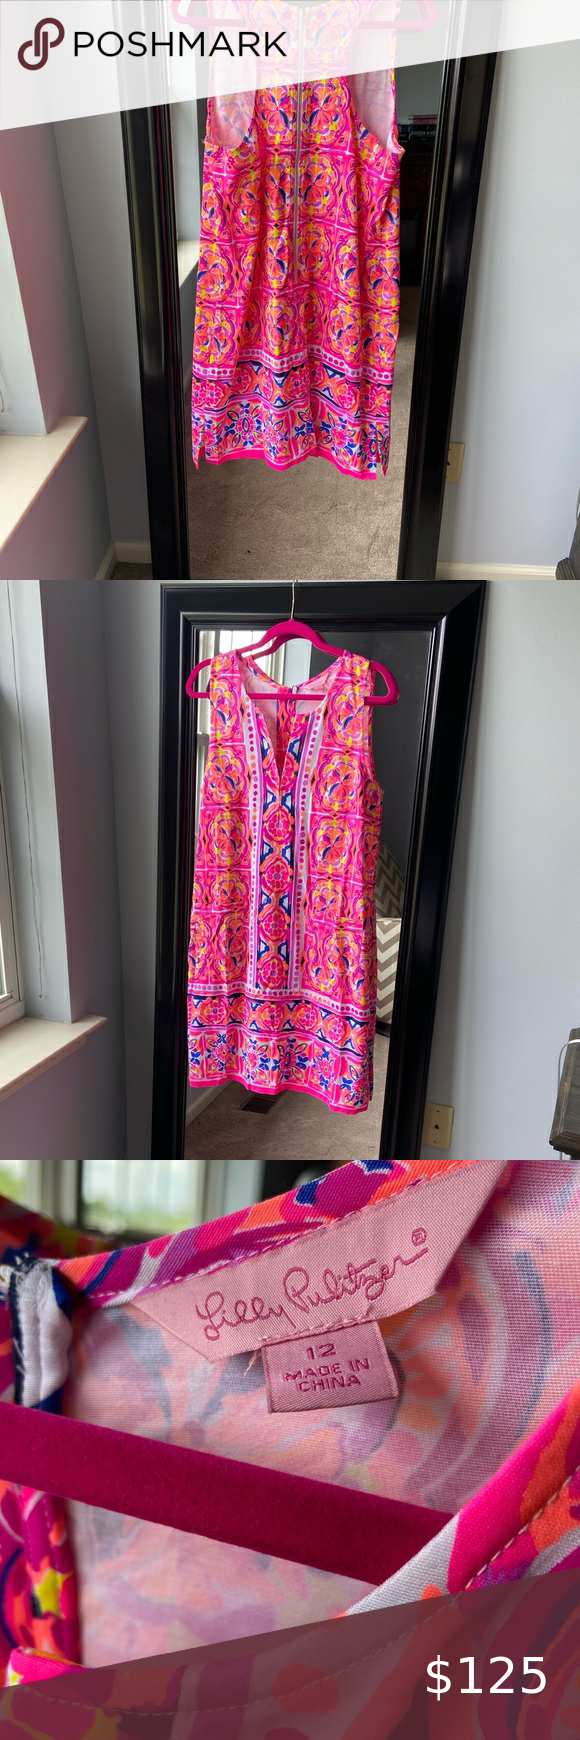 Lily Pulitzer Summer Dress Size 12 Summer Dresses Dresses Lily Pulitzer [ 1740 x 580 Pixel ]